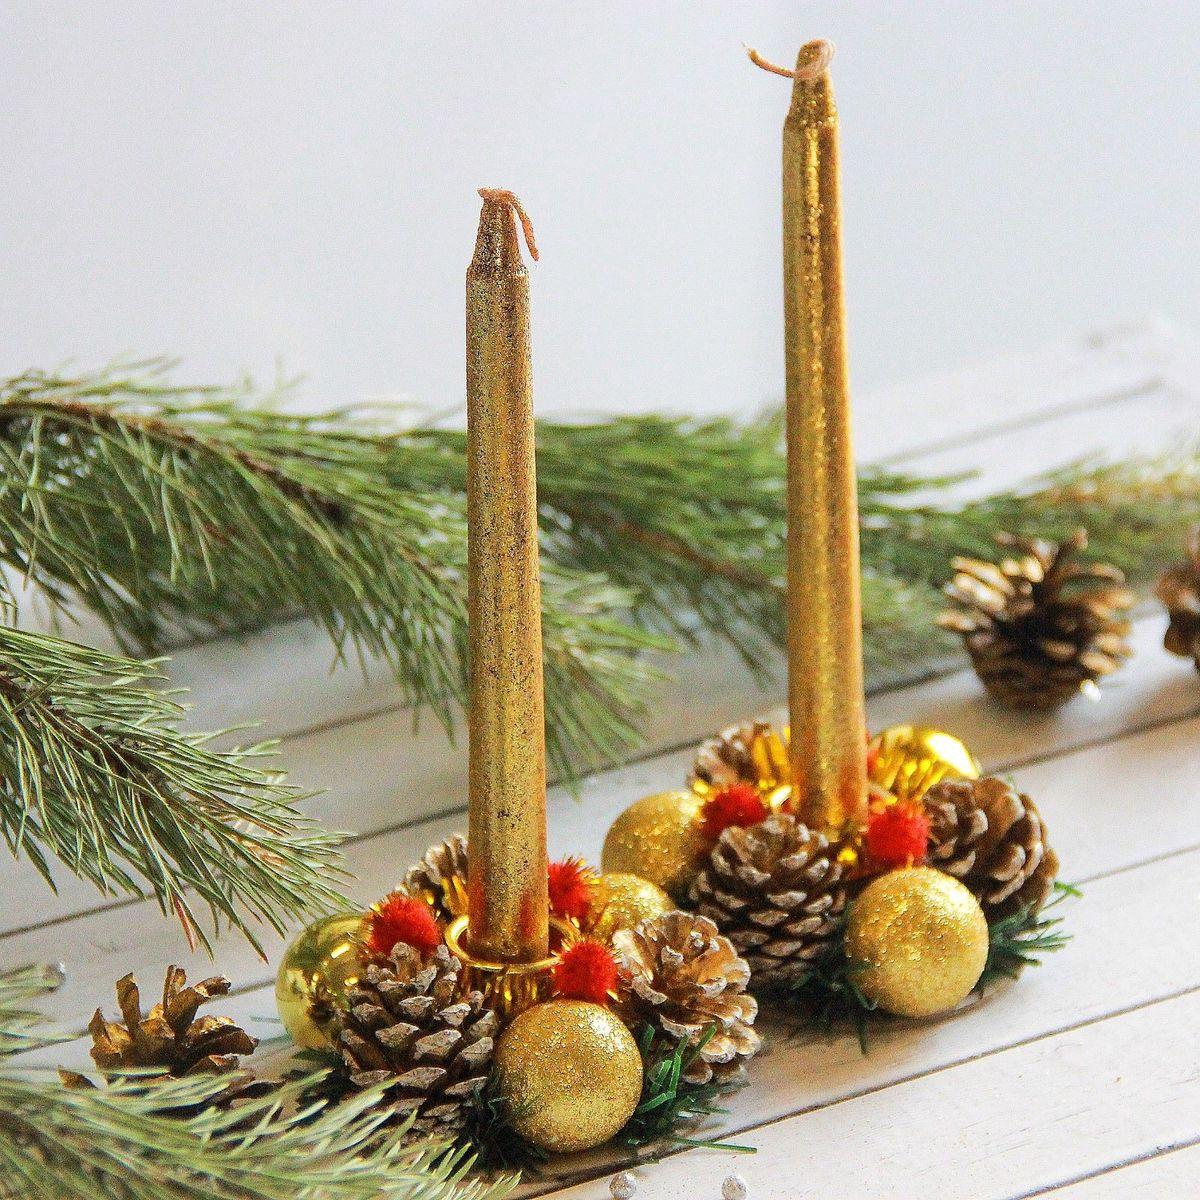 Набор свечей Sima-land Золотые шары, с подсвечником, 4 предмета2377898Невозможно представить нашу жизнь без праздников! Мы всегда ждём их и предвкушаем, обдумываем, как проведём памятный день, тщательно выбираем подарки и аксессуары, ведь именно они создают и поддерживают торжественный настрой. Это отличный выбор, который привнесёт атмосферу праздника в ваш дом!